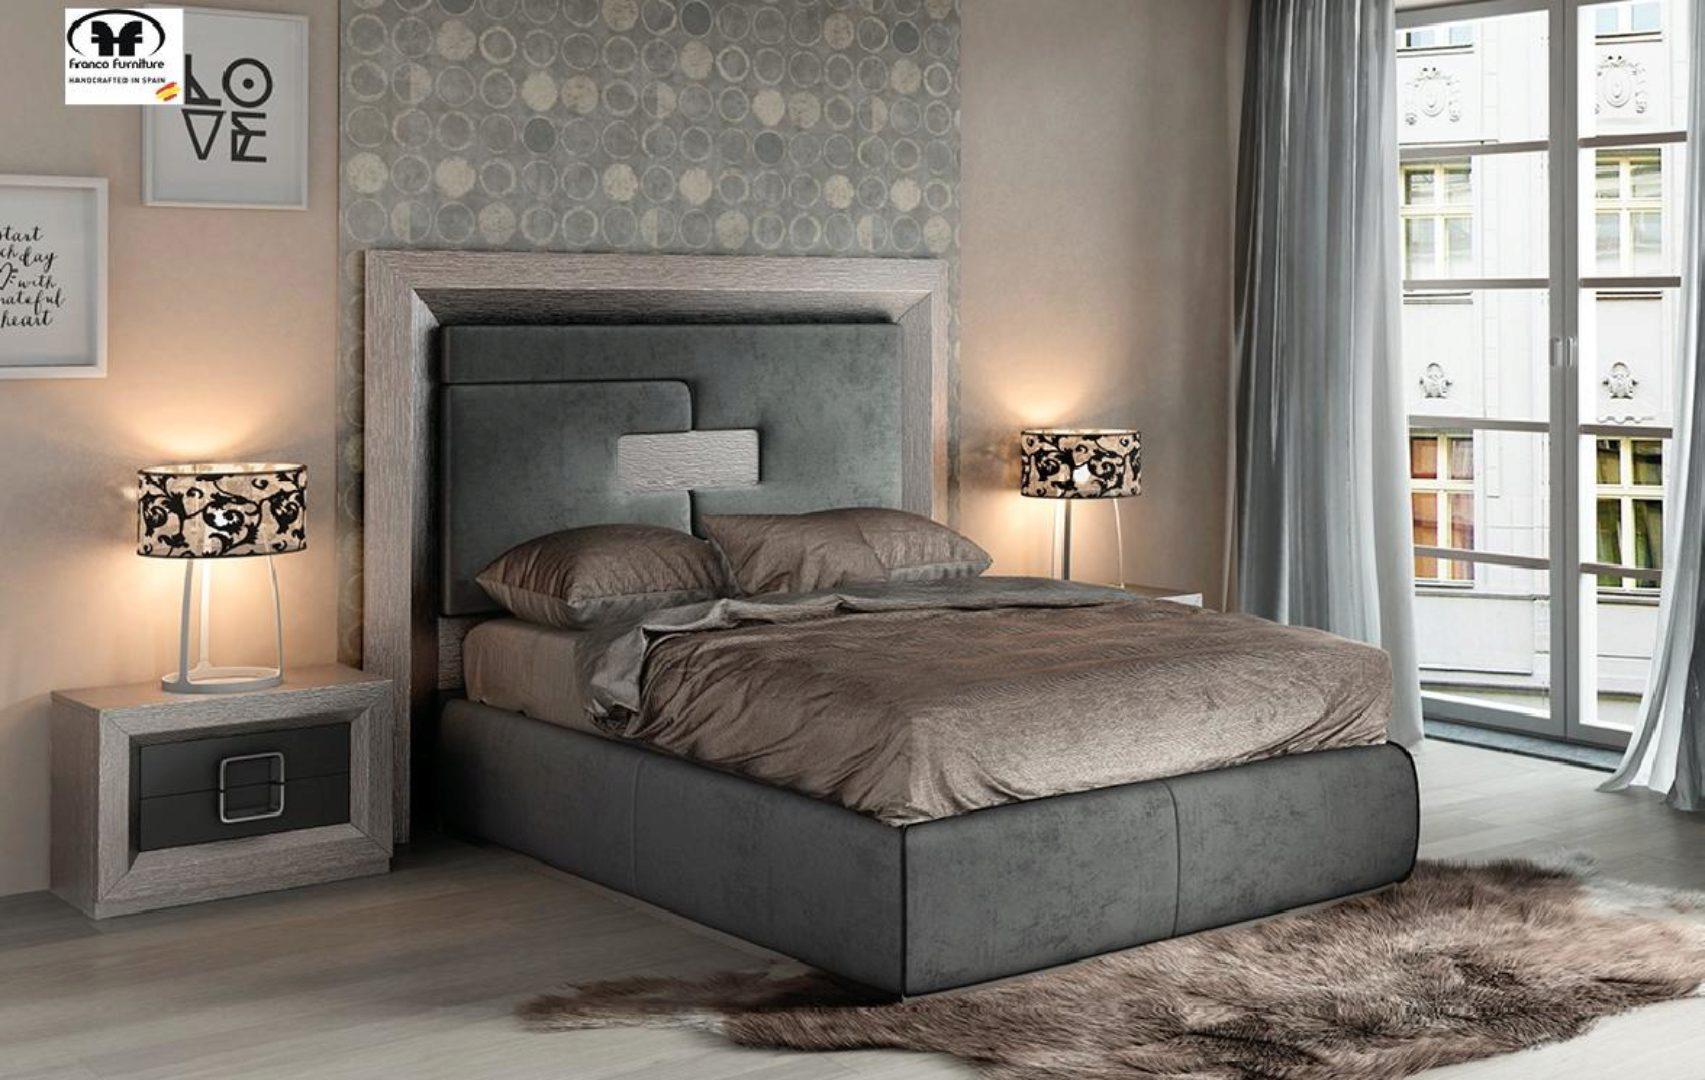 Gray Wood King Bedroom Set 5pcs Modern Contemporary Made In Spain Esf Enzo Esf Enzo Ek Set 5